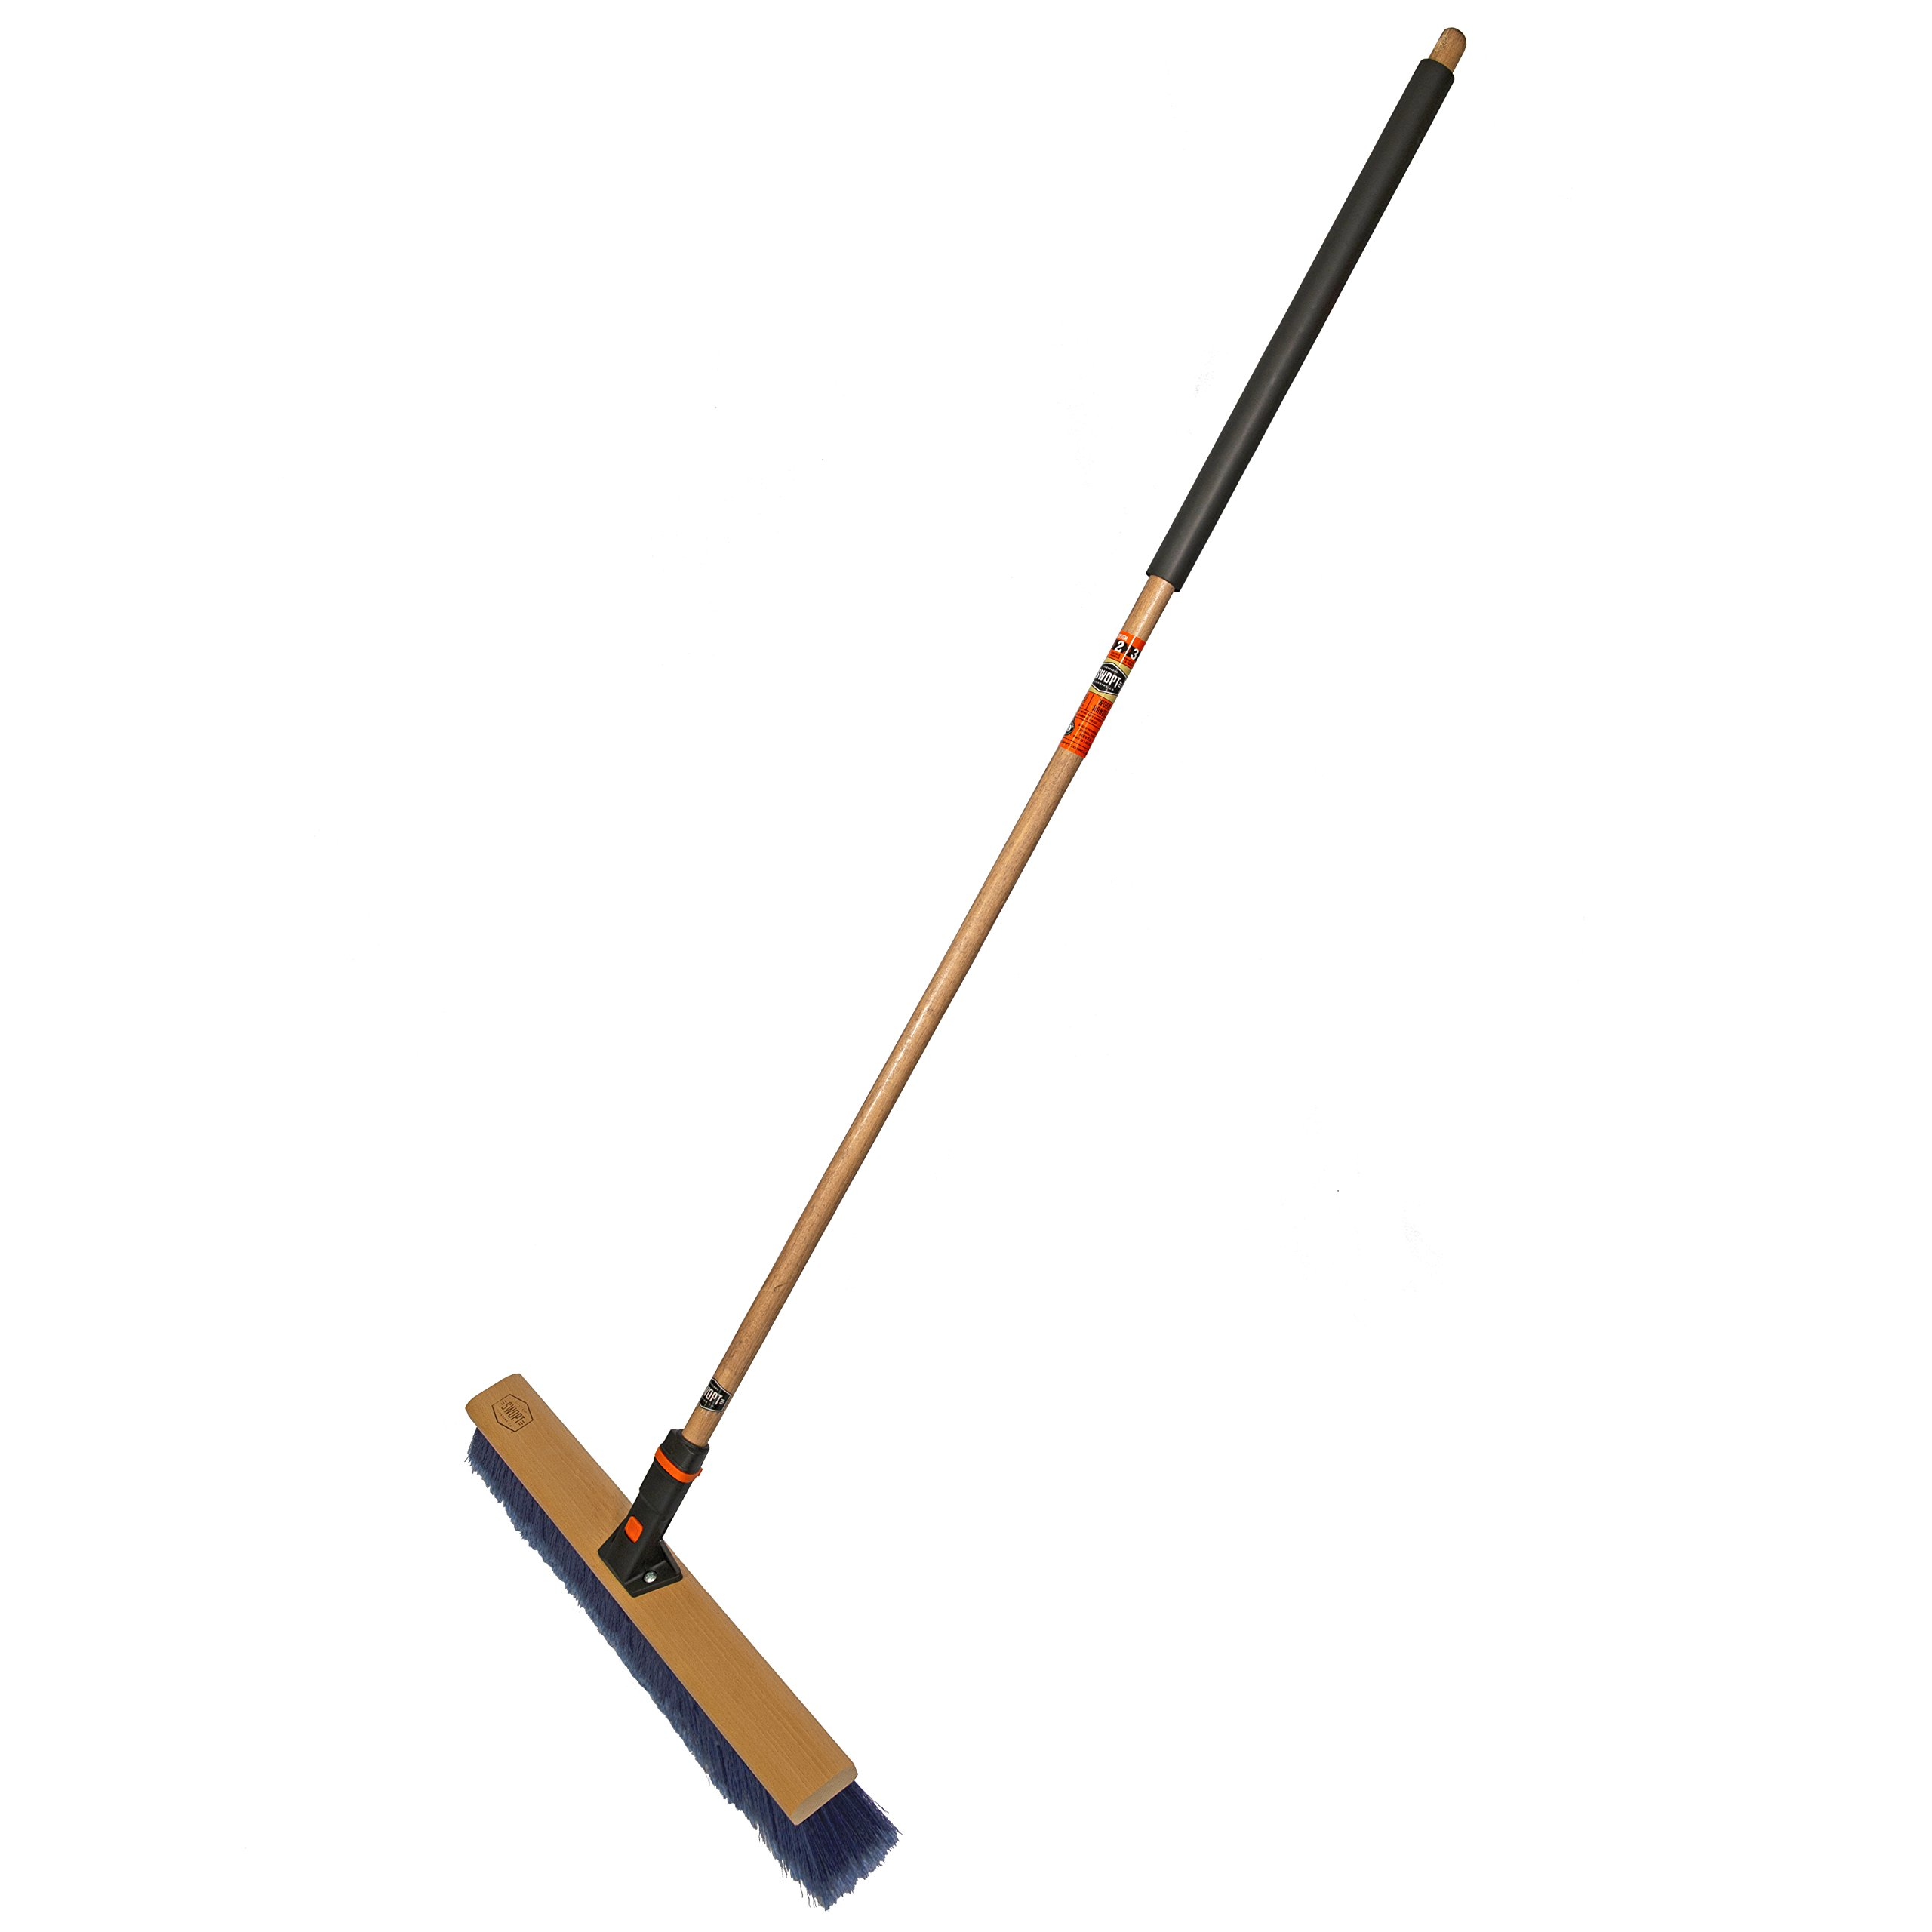 SWOPT 5423 24'' Multi-Surface Premium Push Broom